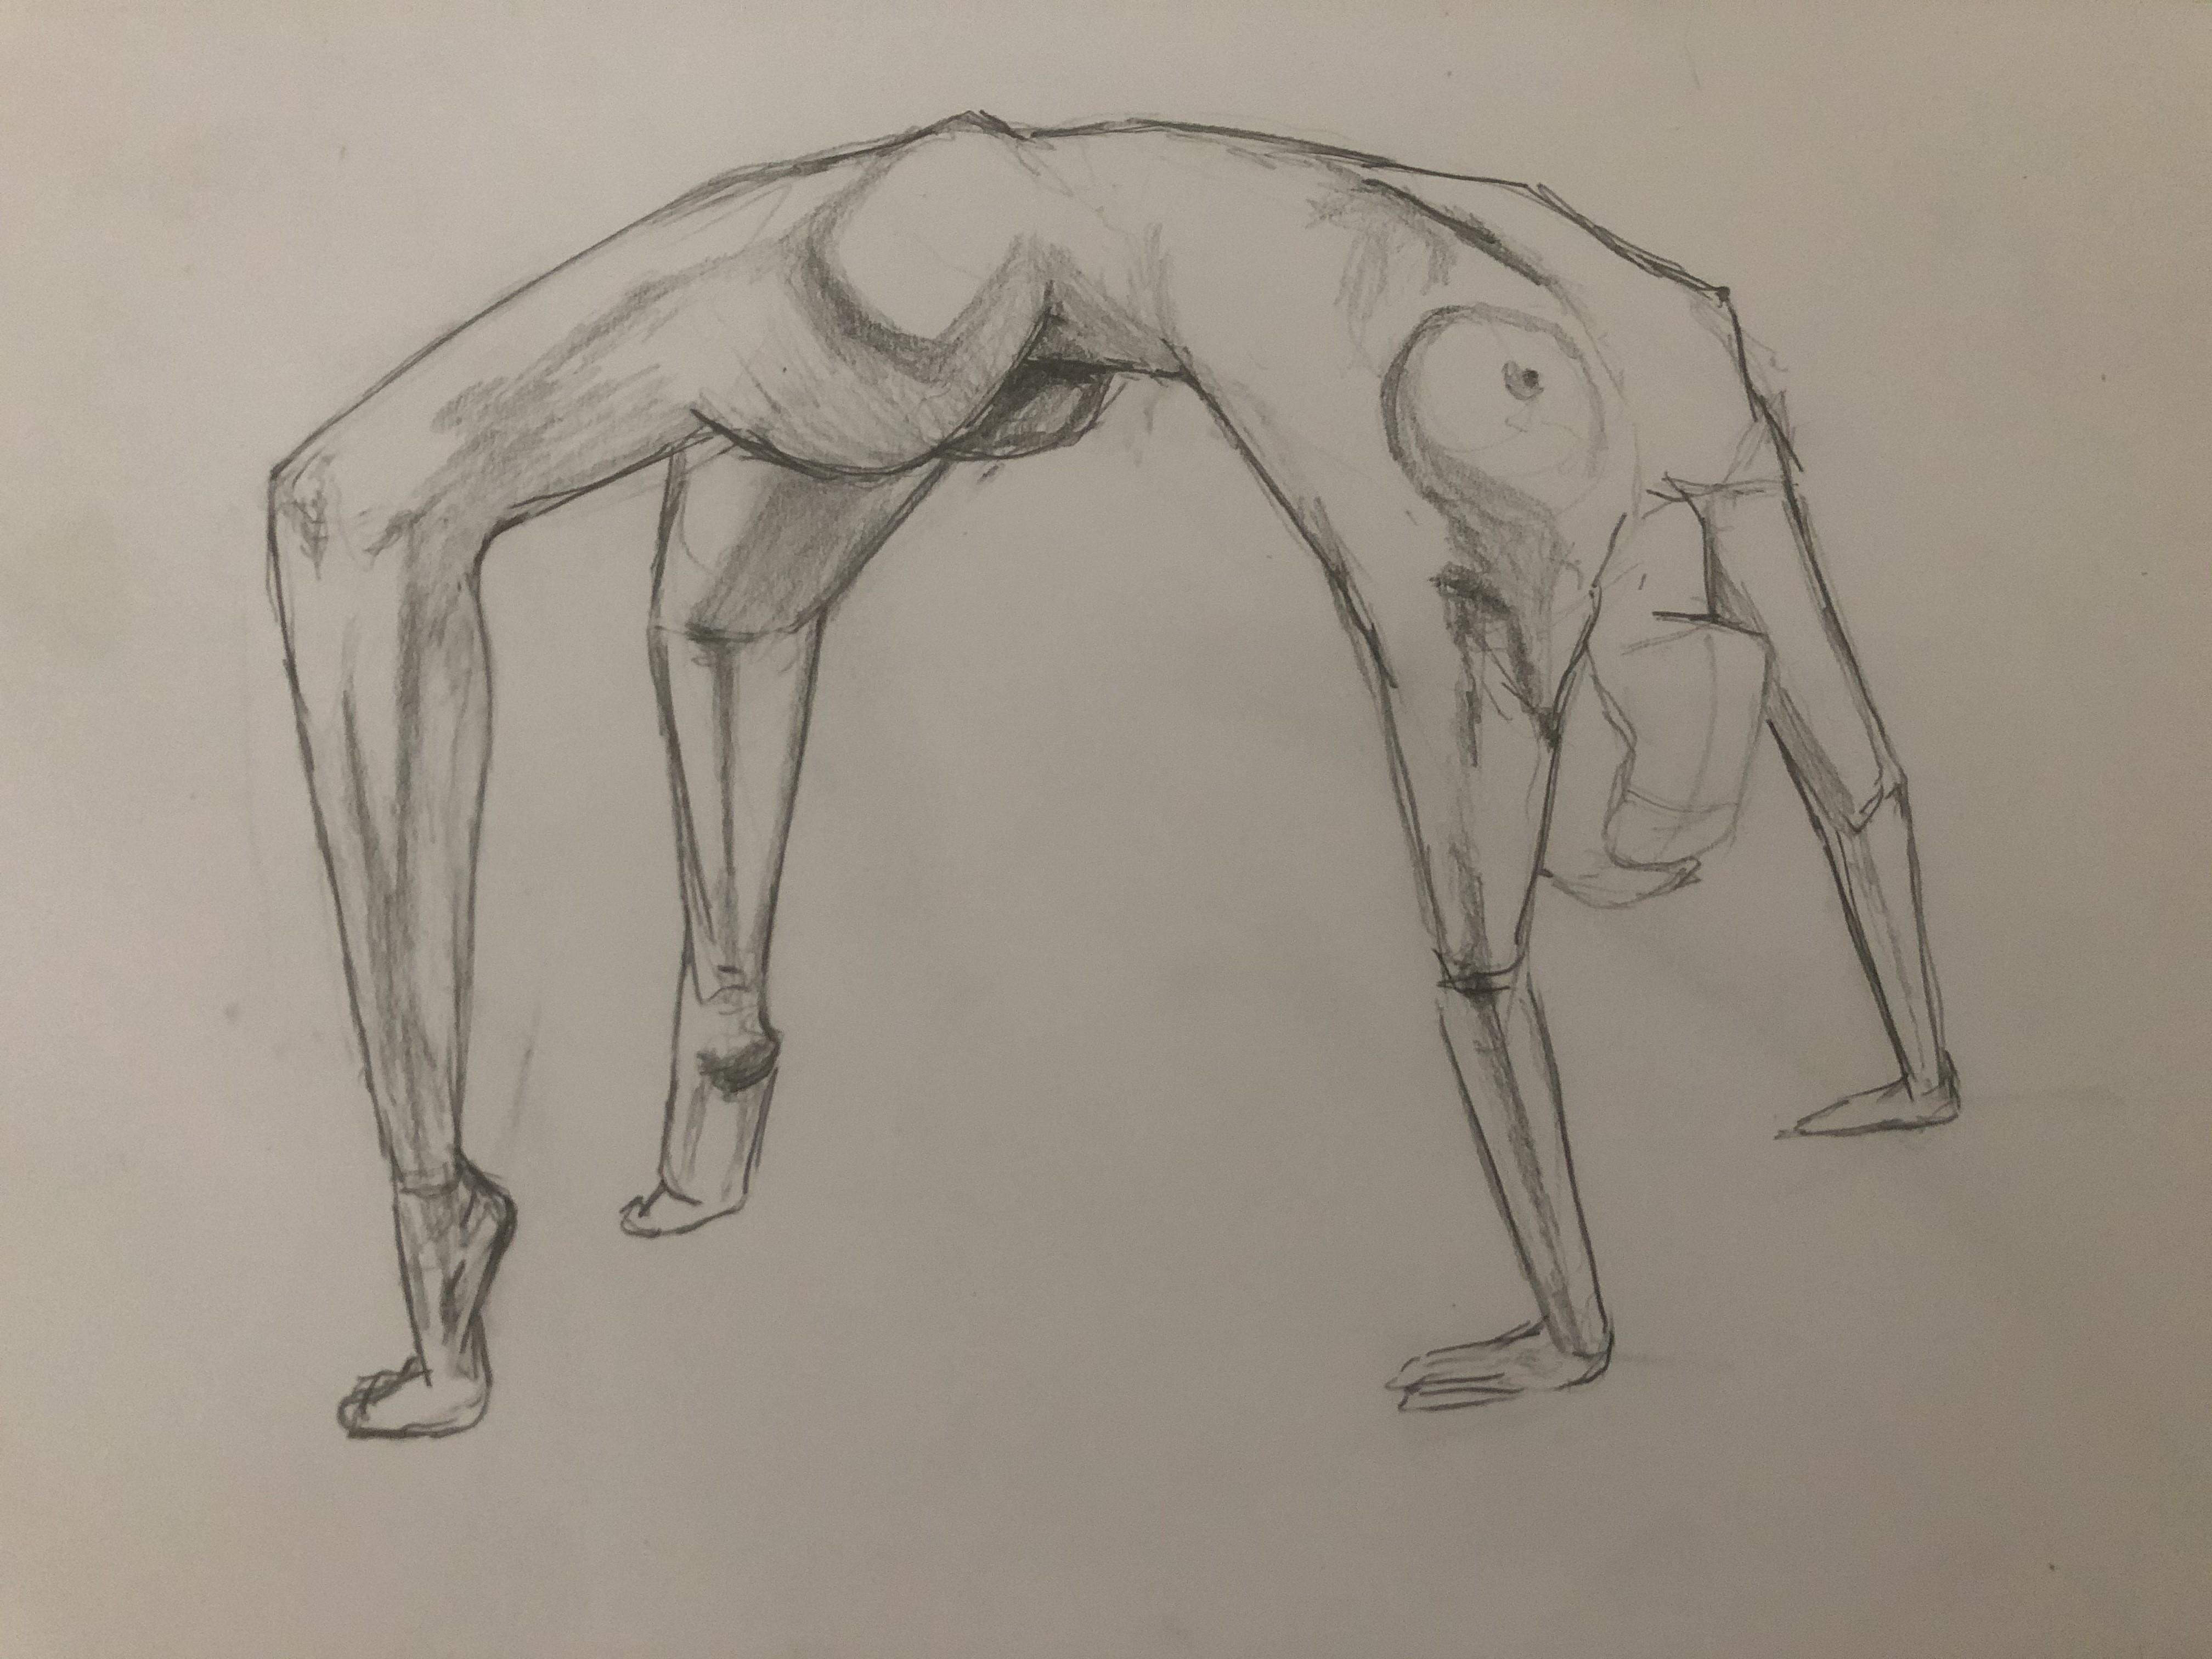 Dessin crayon papier poses acrobatiques  cours de dessin